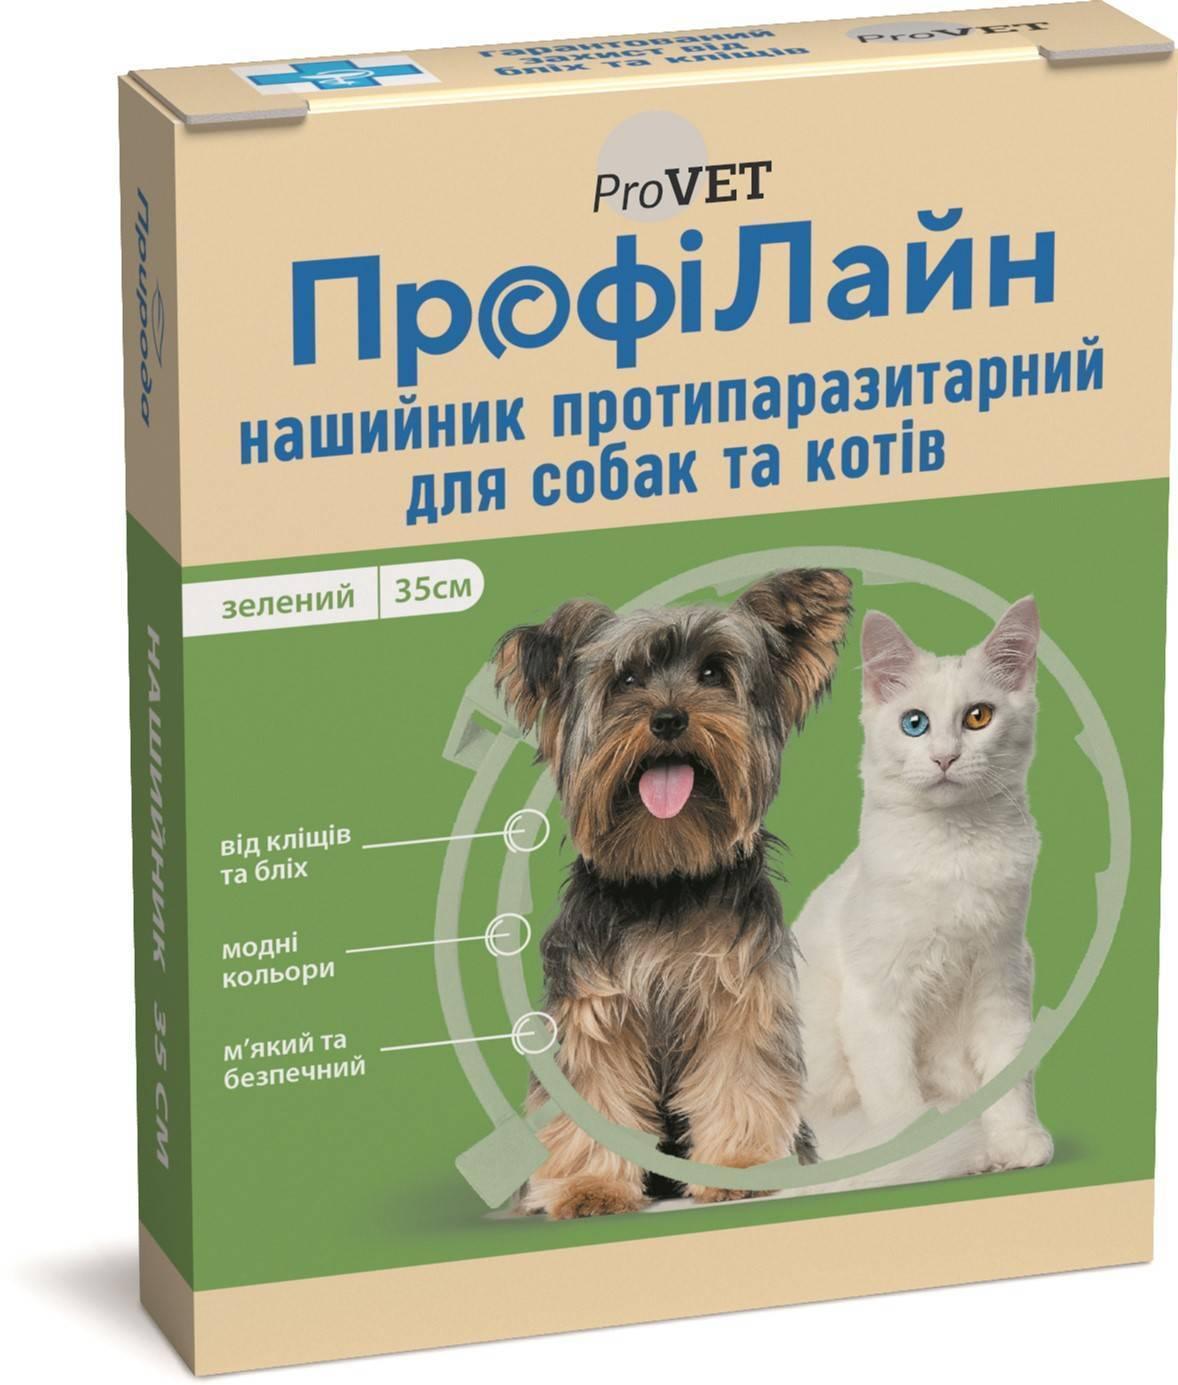 Рейтинг самых эффективных противоблошиных препаратов для собак